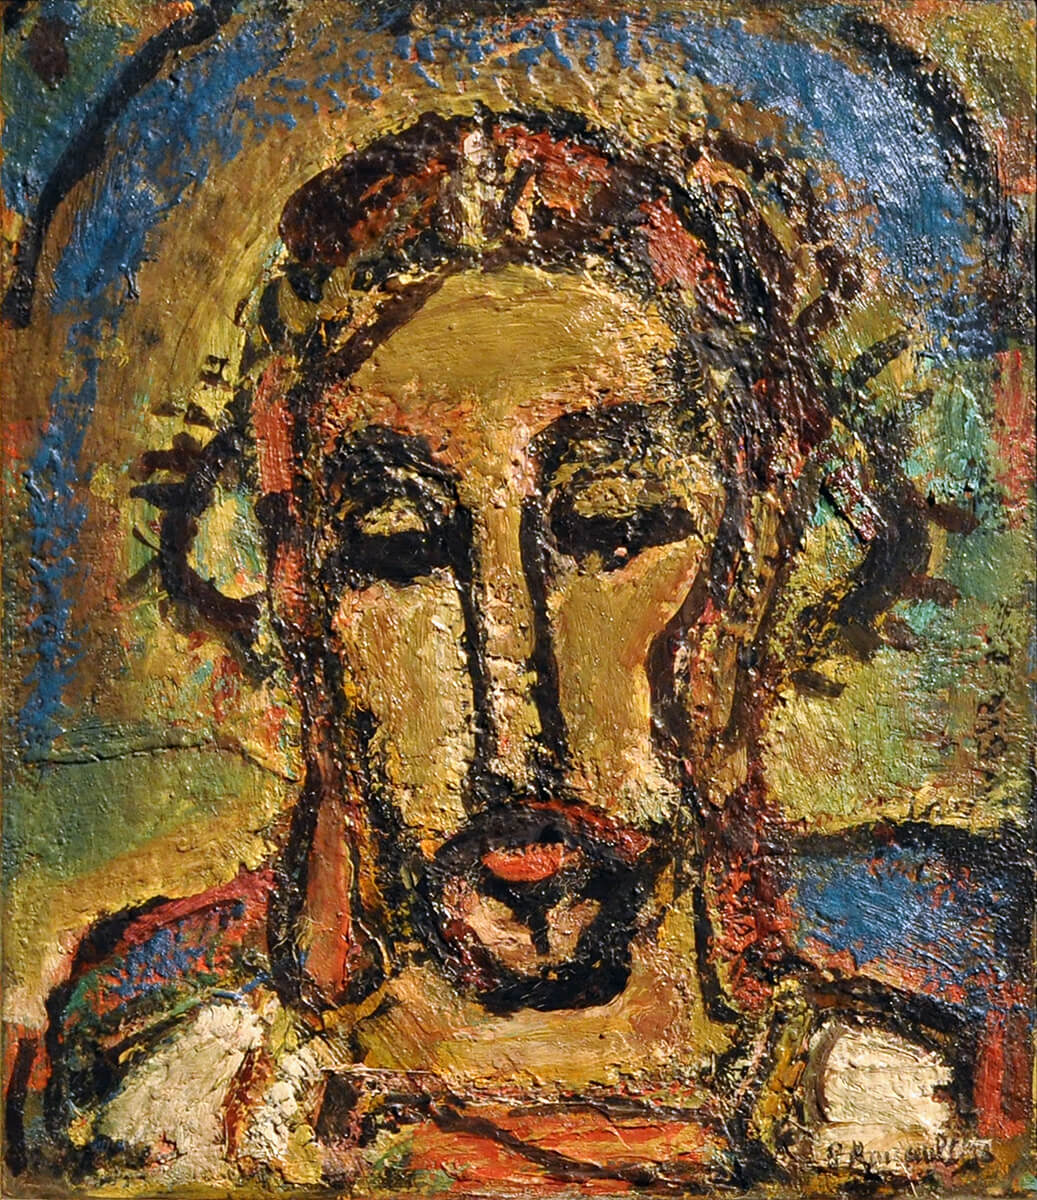 Ecce Homo  de Georges Rouault, 1871-1958